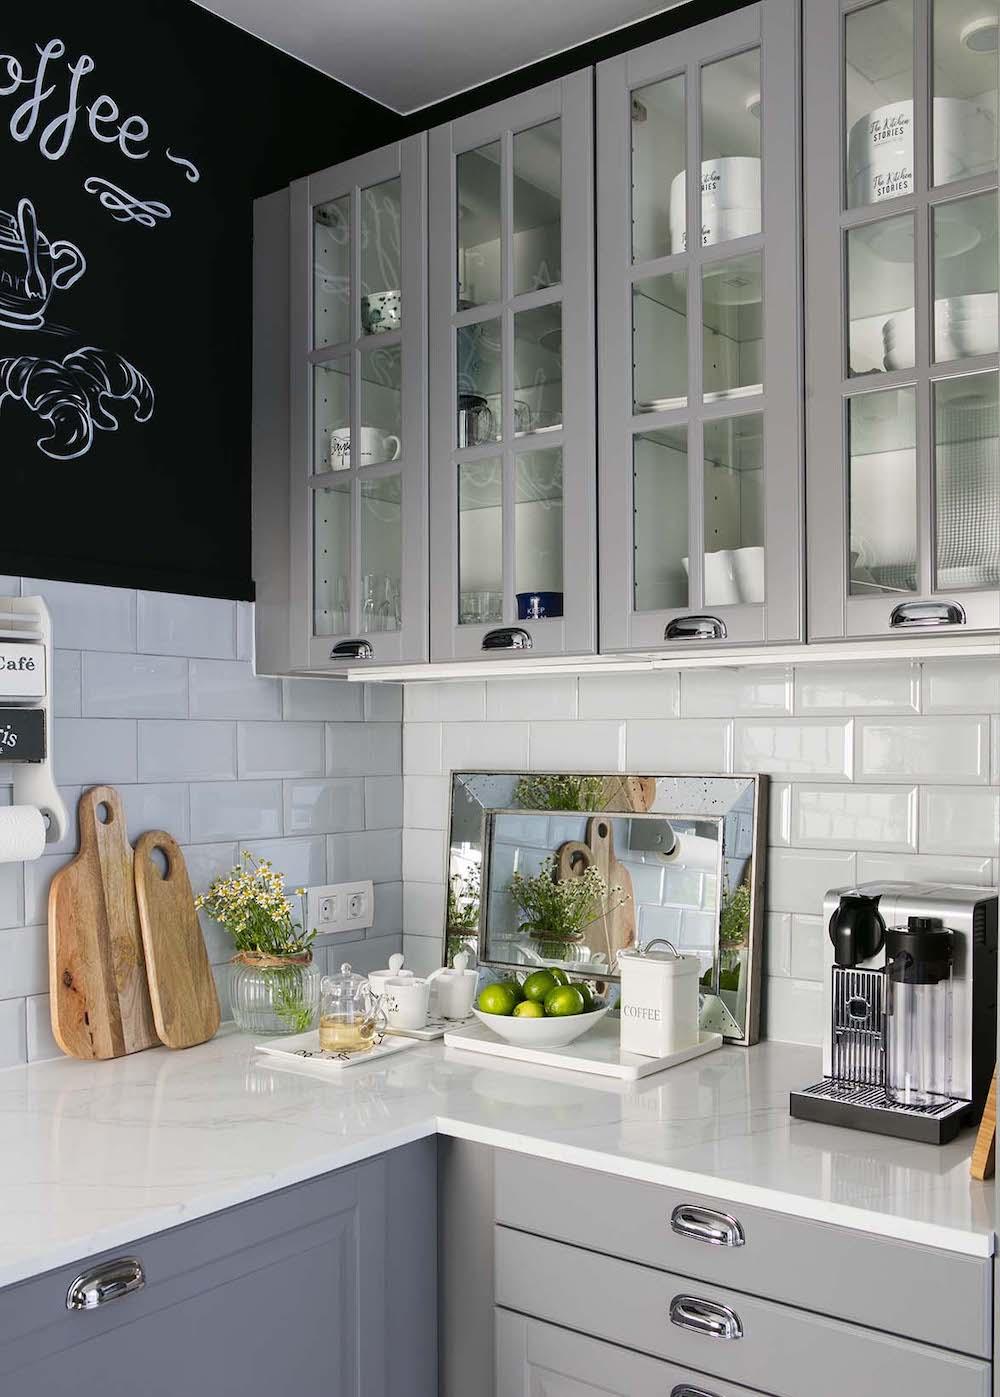 Reforma de cocina de estilo industrial con pared de pizarra